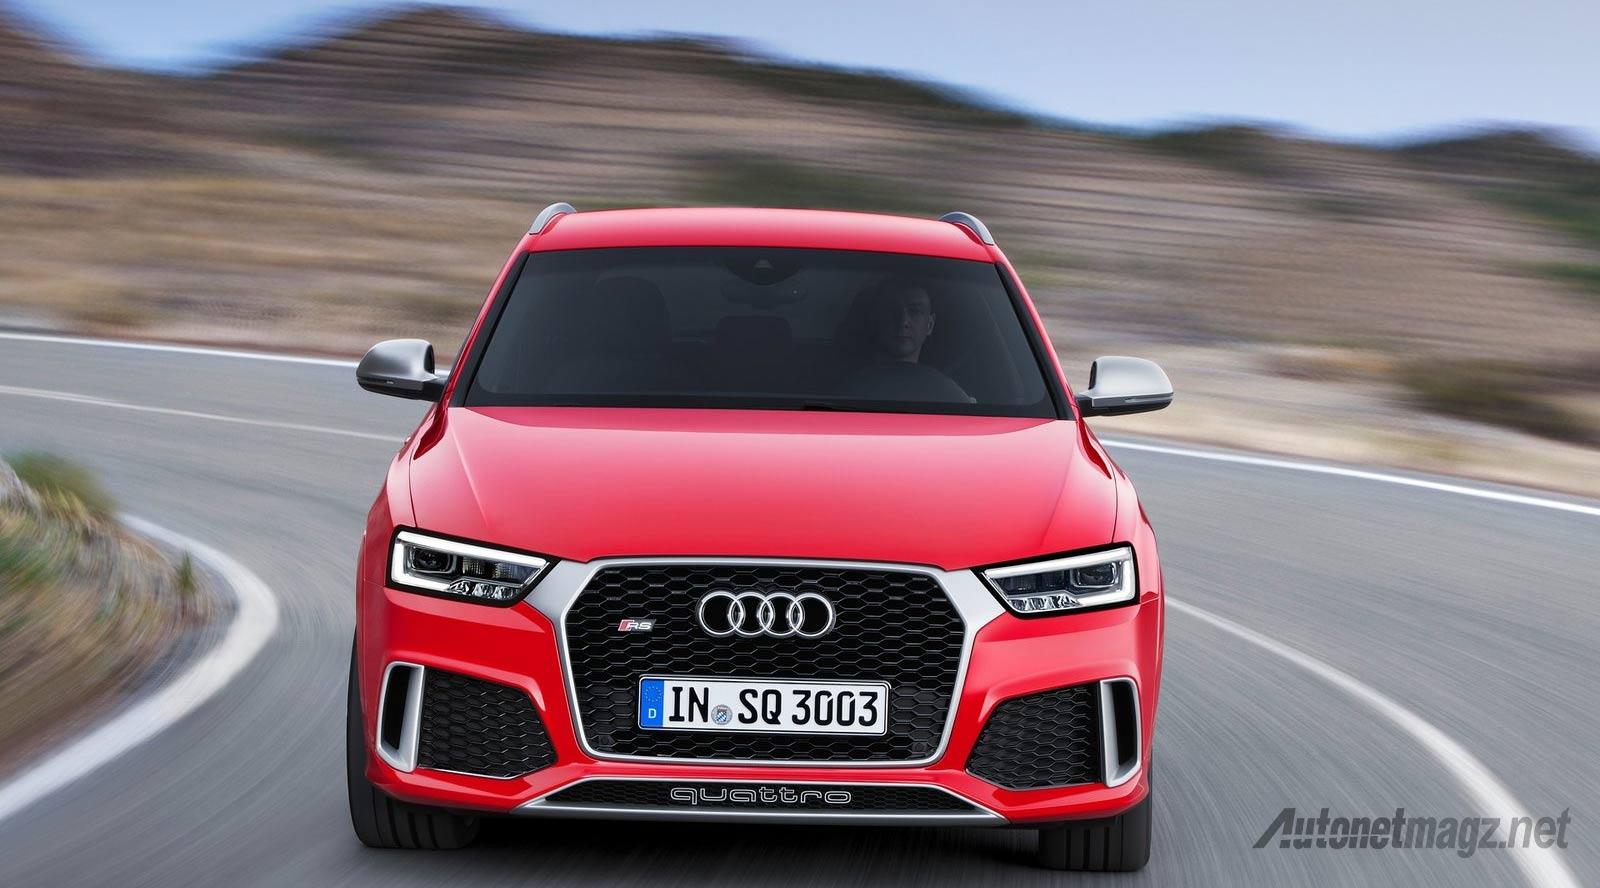 Wallpaper-Audi-RS-Q3-2015